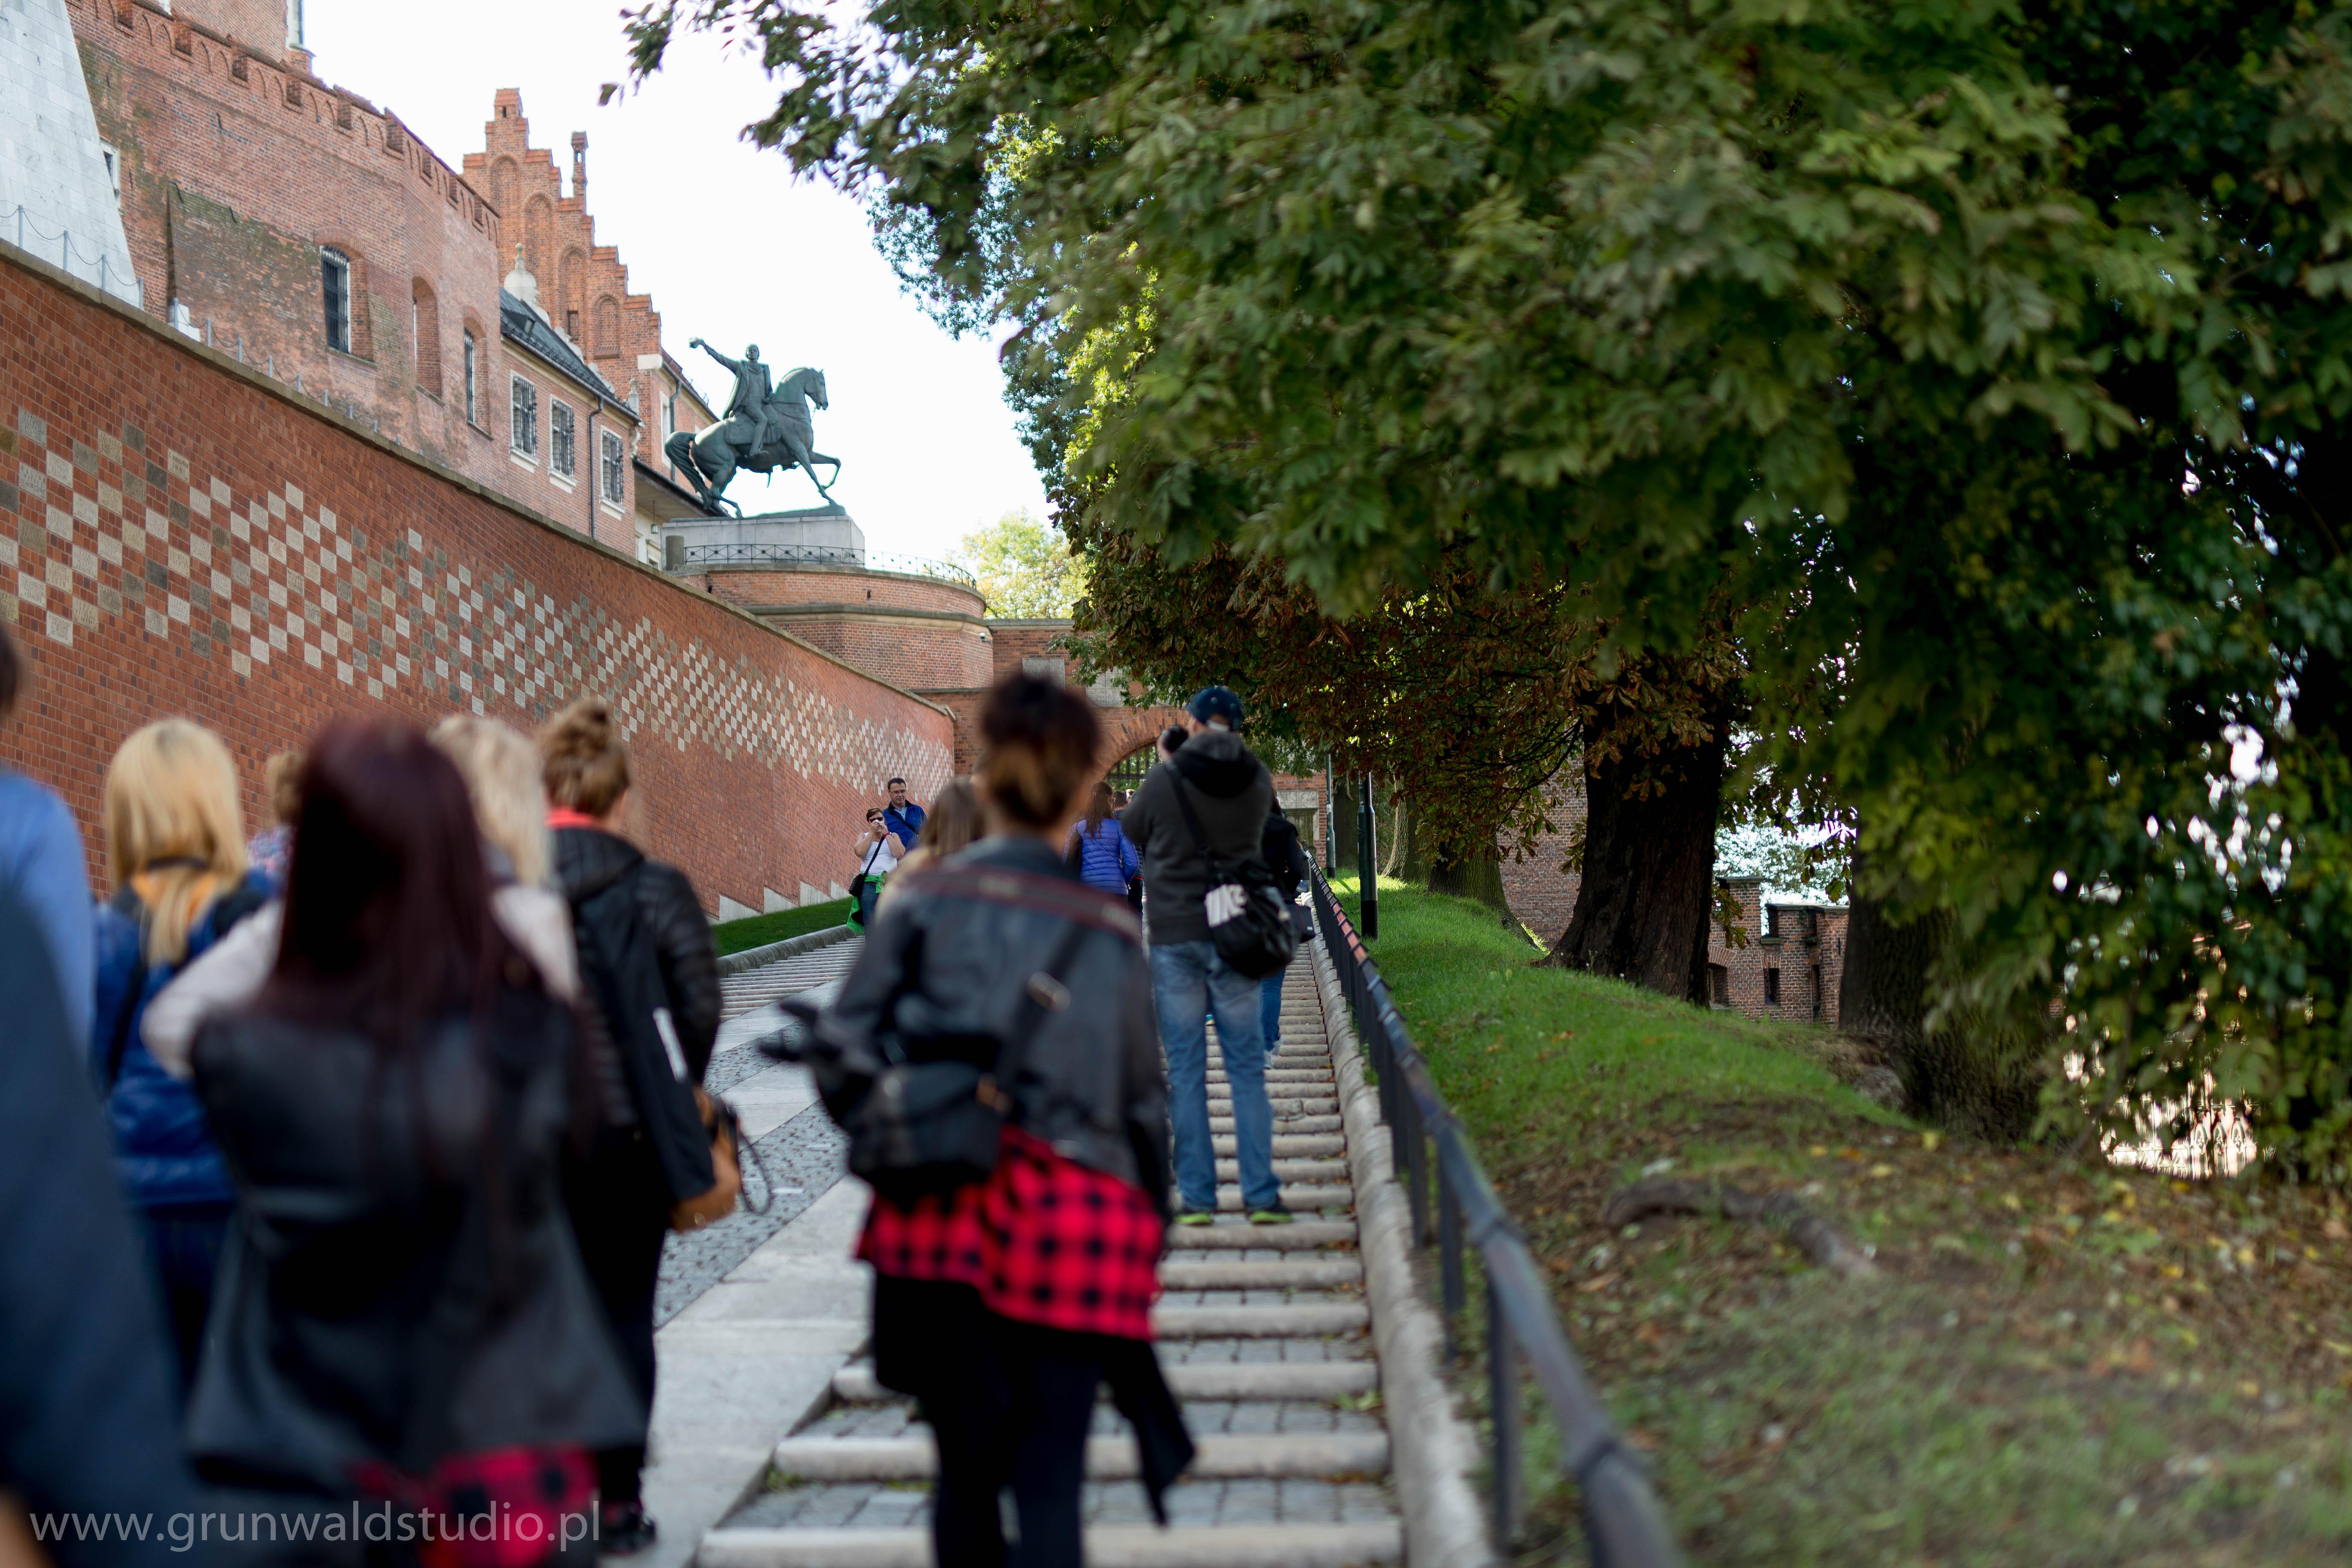 Grunwald Studio kurs fotografii Kraków pełny rozmiar 17